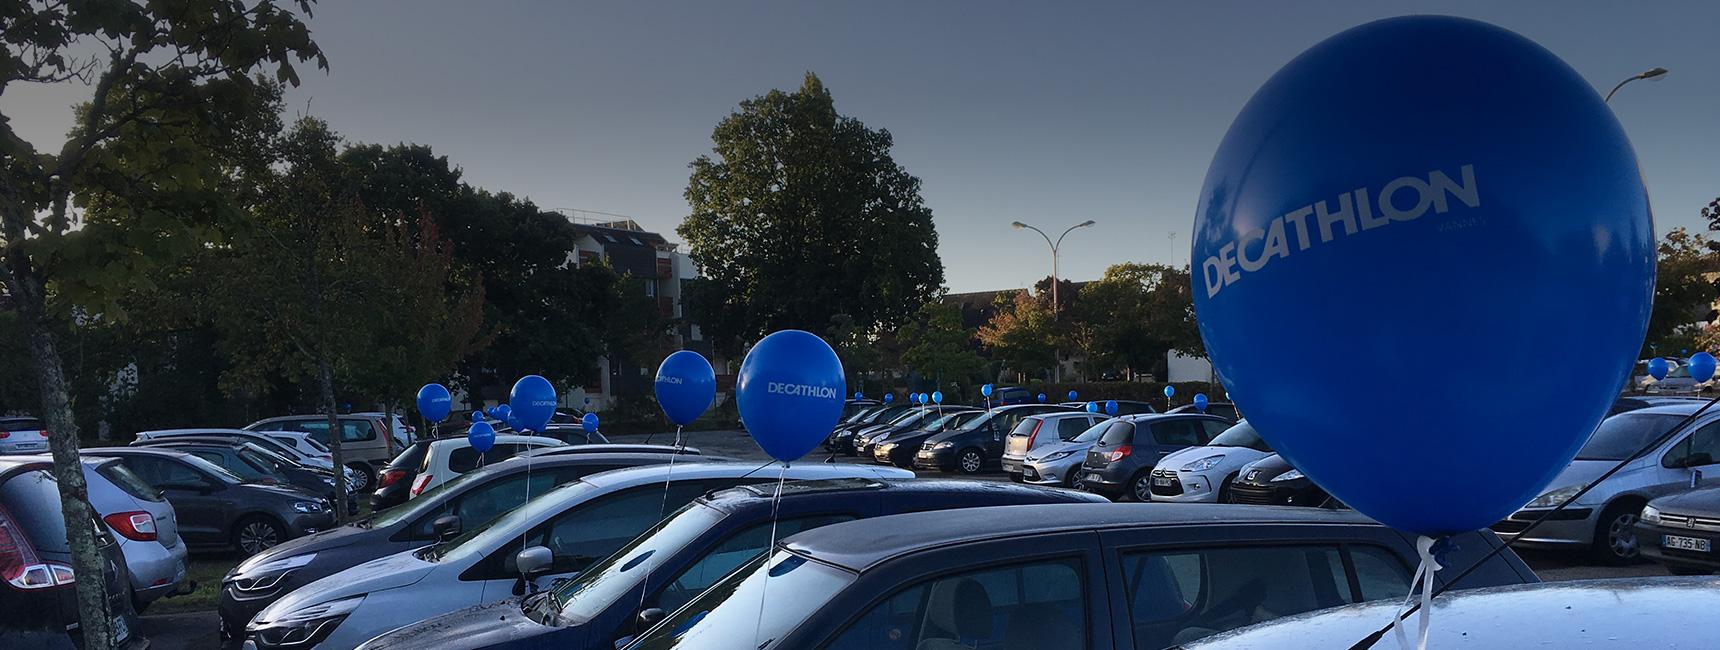 Decathlon Diffusion et Dépôts Keemia Toulouse Agence marketing local en région Occitanie